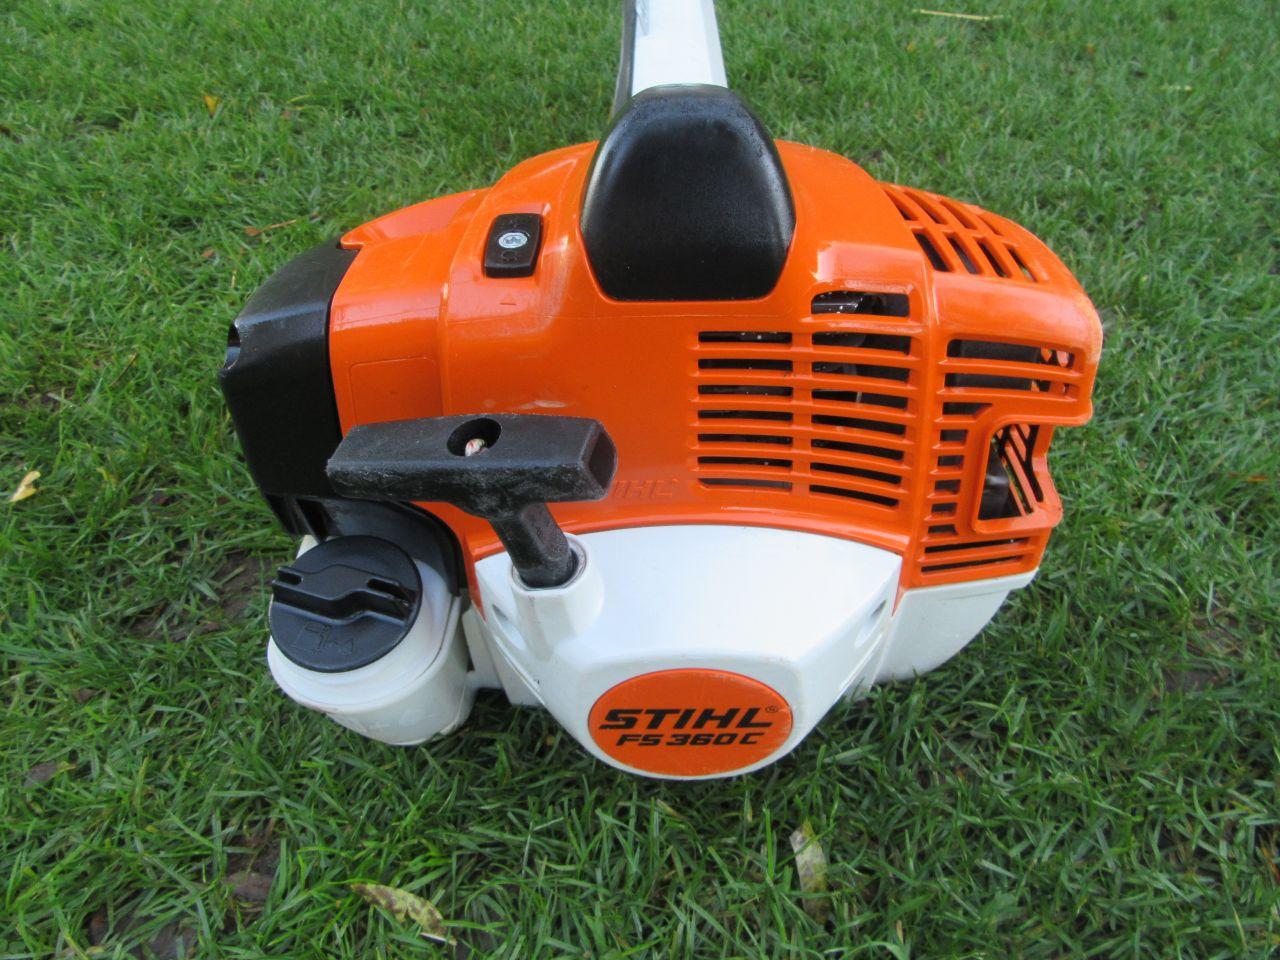 STIHL FS360C